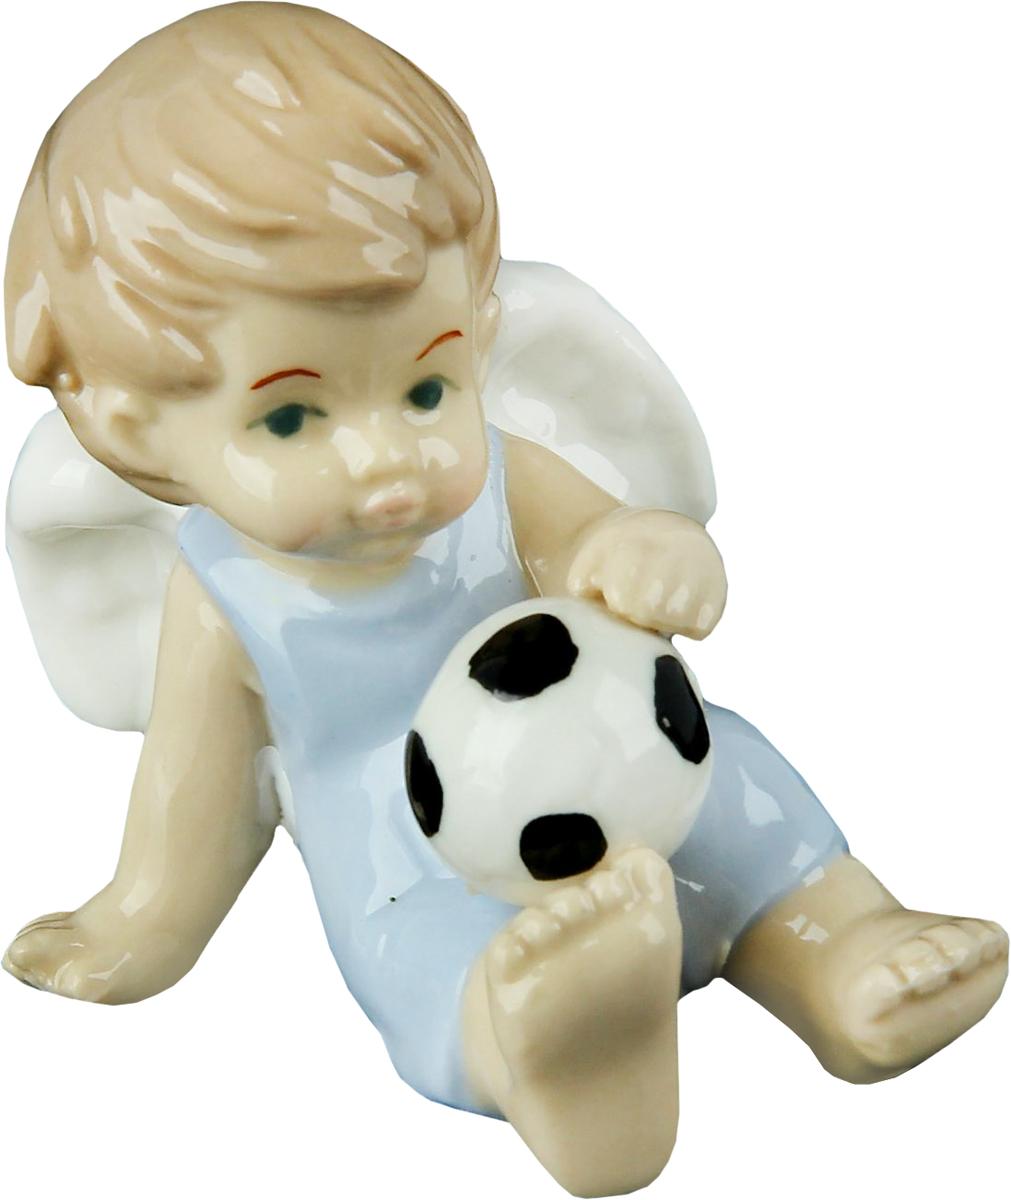 Сувенир пасхальный Sima-land Ангел в голубом комбезике с футбольным мячом, 6 х 4 х 7,5 см865514Ангел в переводе с древнегреческого языка означает вестник, посланец, пусть этот сувенир Ангел в голубом комбезике с футбольным мячом будет вашим личным посланником, который защитит Вас и близких от невзгод. Преподнесите эту изящную статуэтку на Пасху в корзинке с разноцветными яйцами, на Рождество вместе с конфетками, в День ангела со сладким тортом или в любой другой день, ведь для такого подарка со смыслом не обязательно нужен повод.